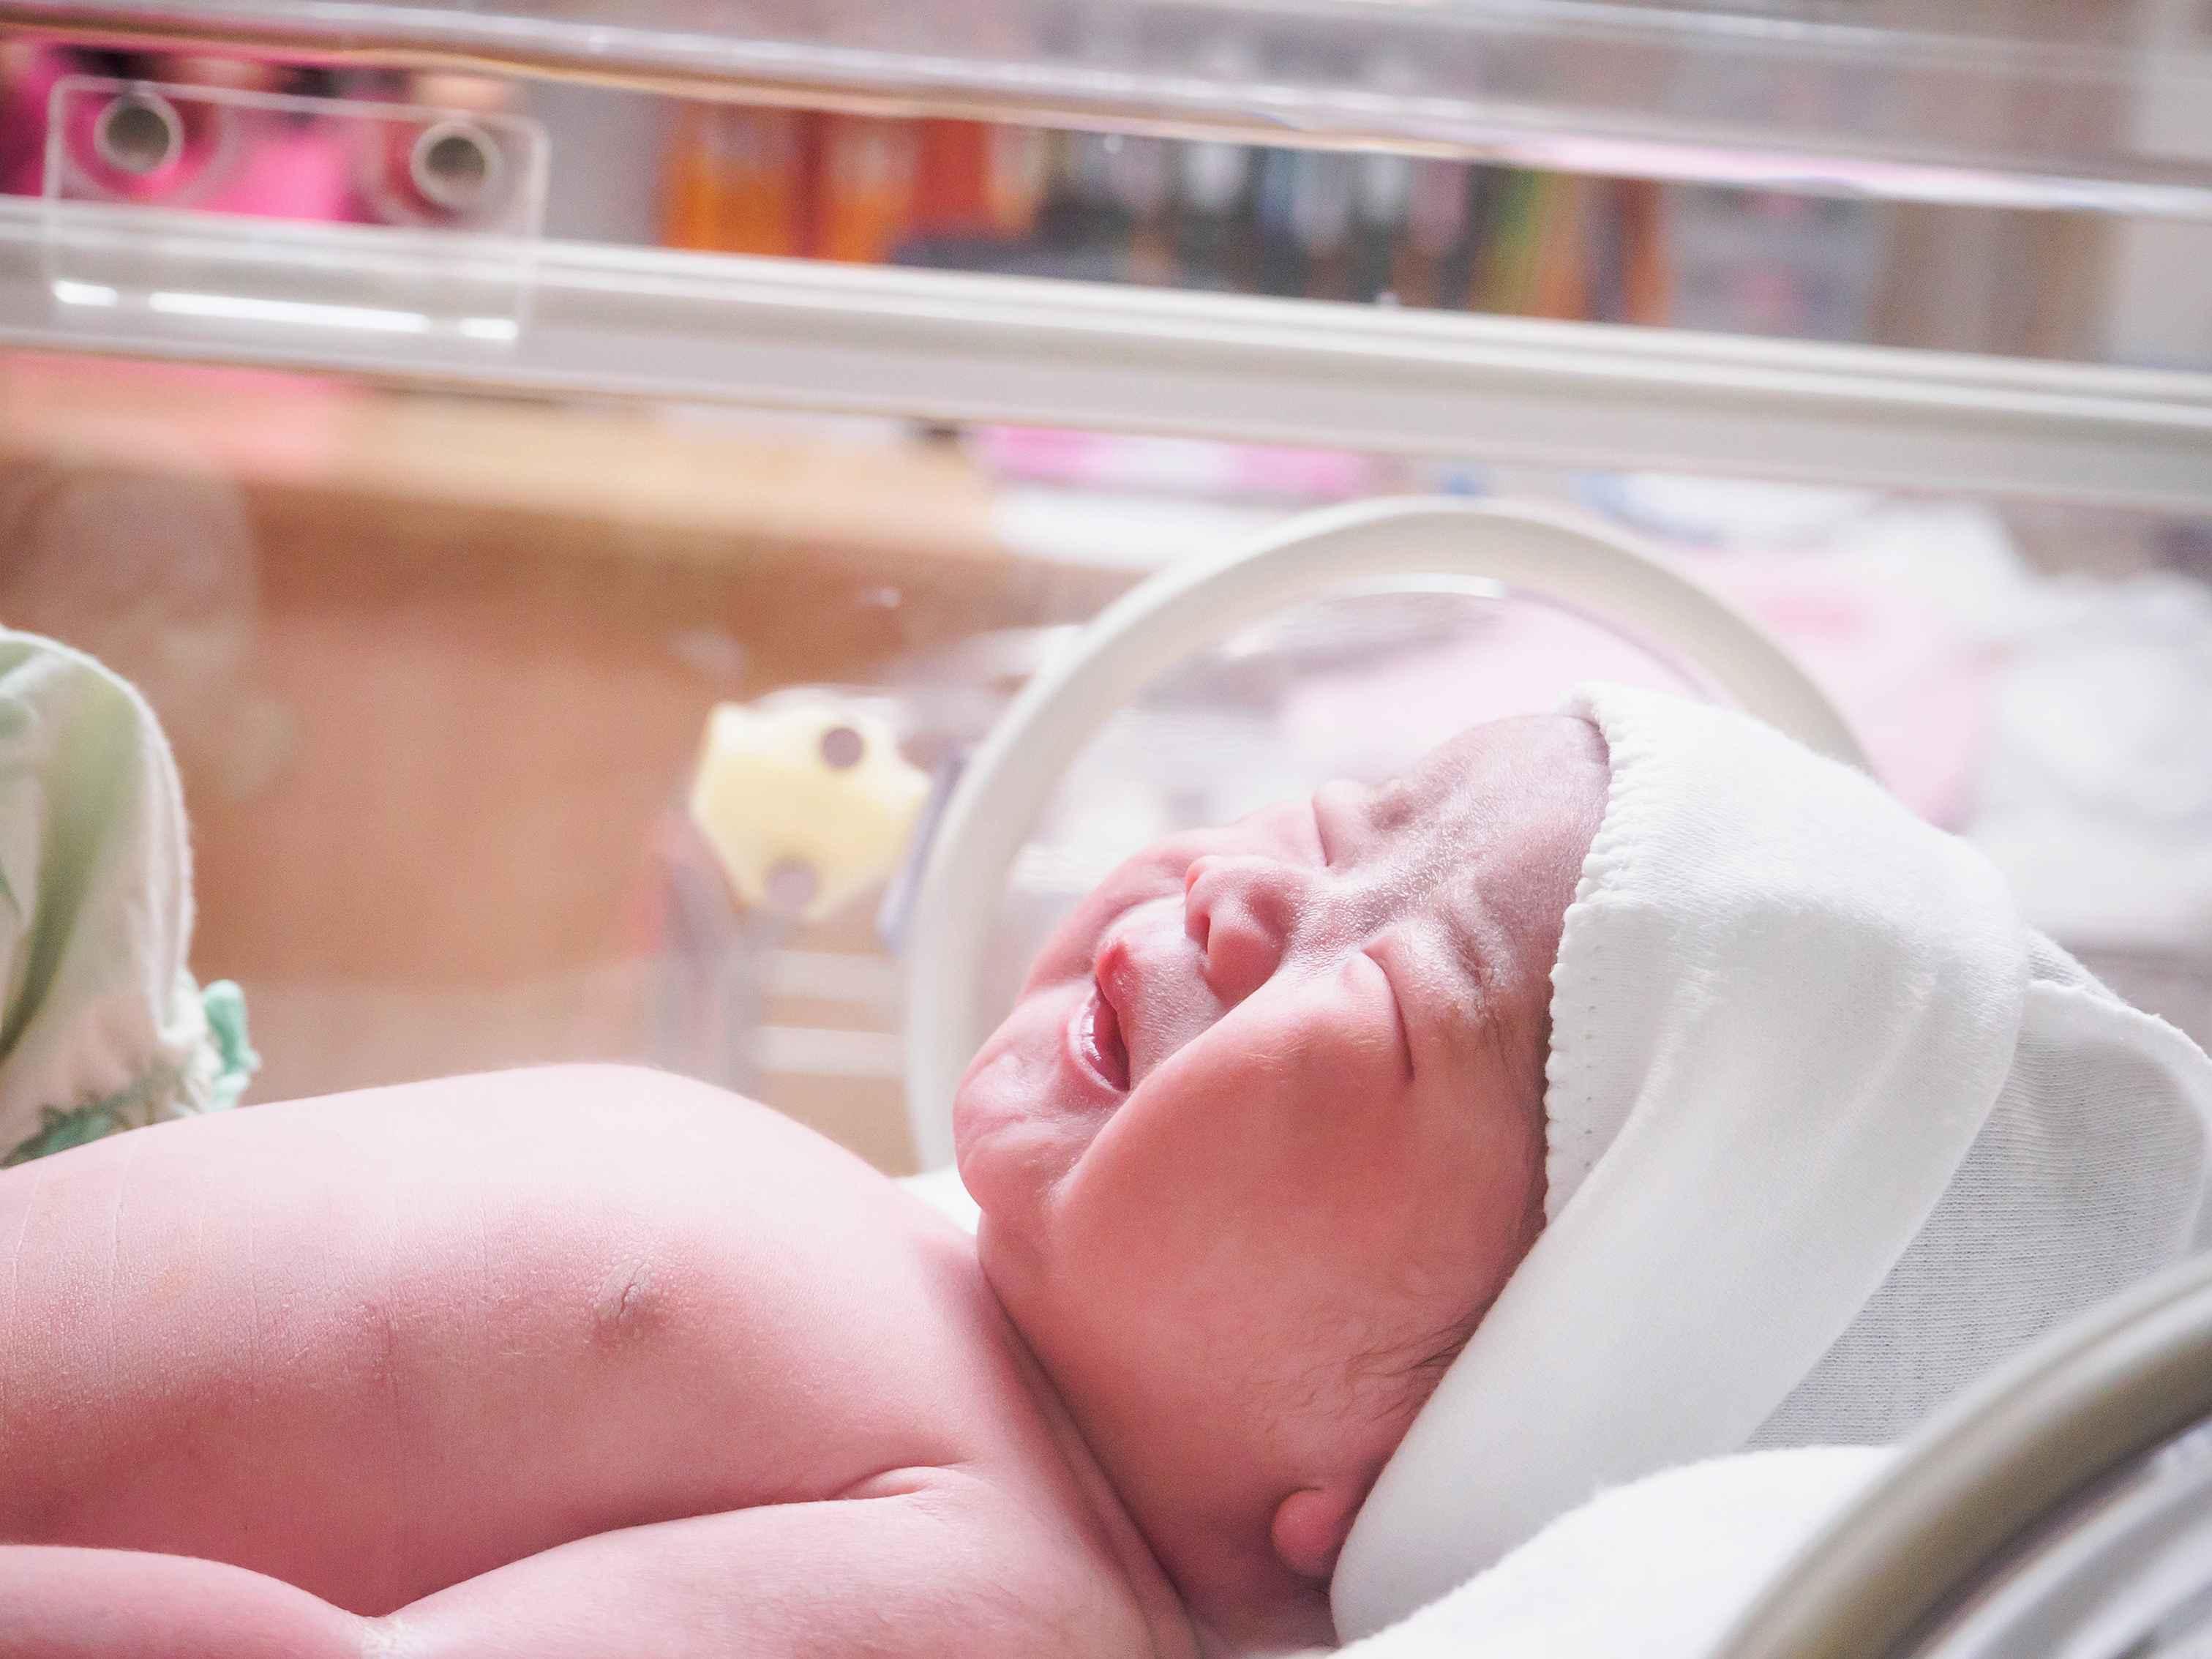 孩子的出生方式影响终生!请各位孕妈把握好时机...